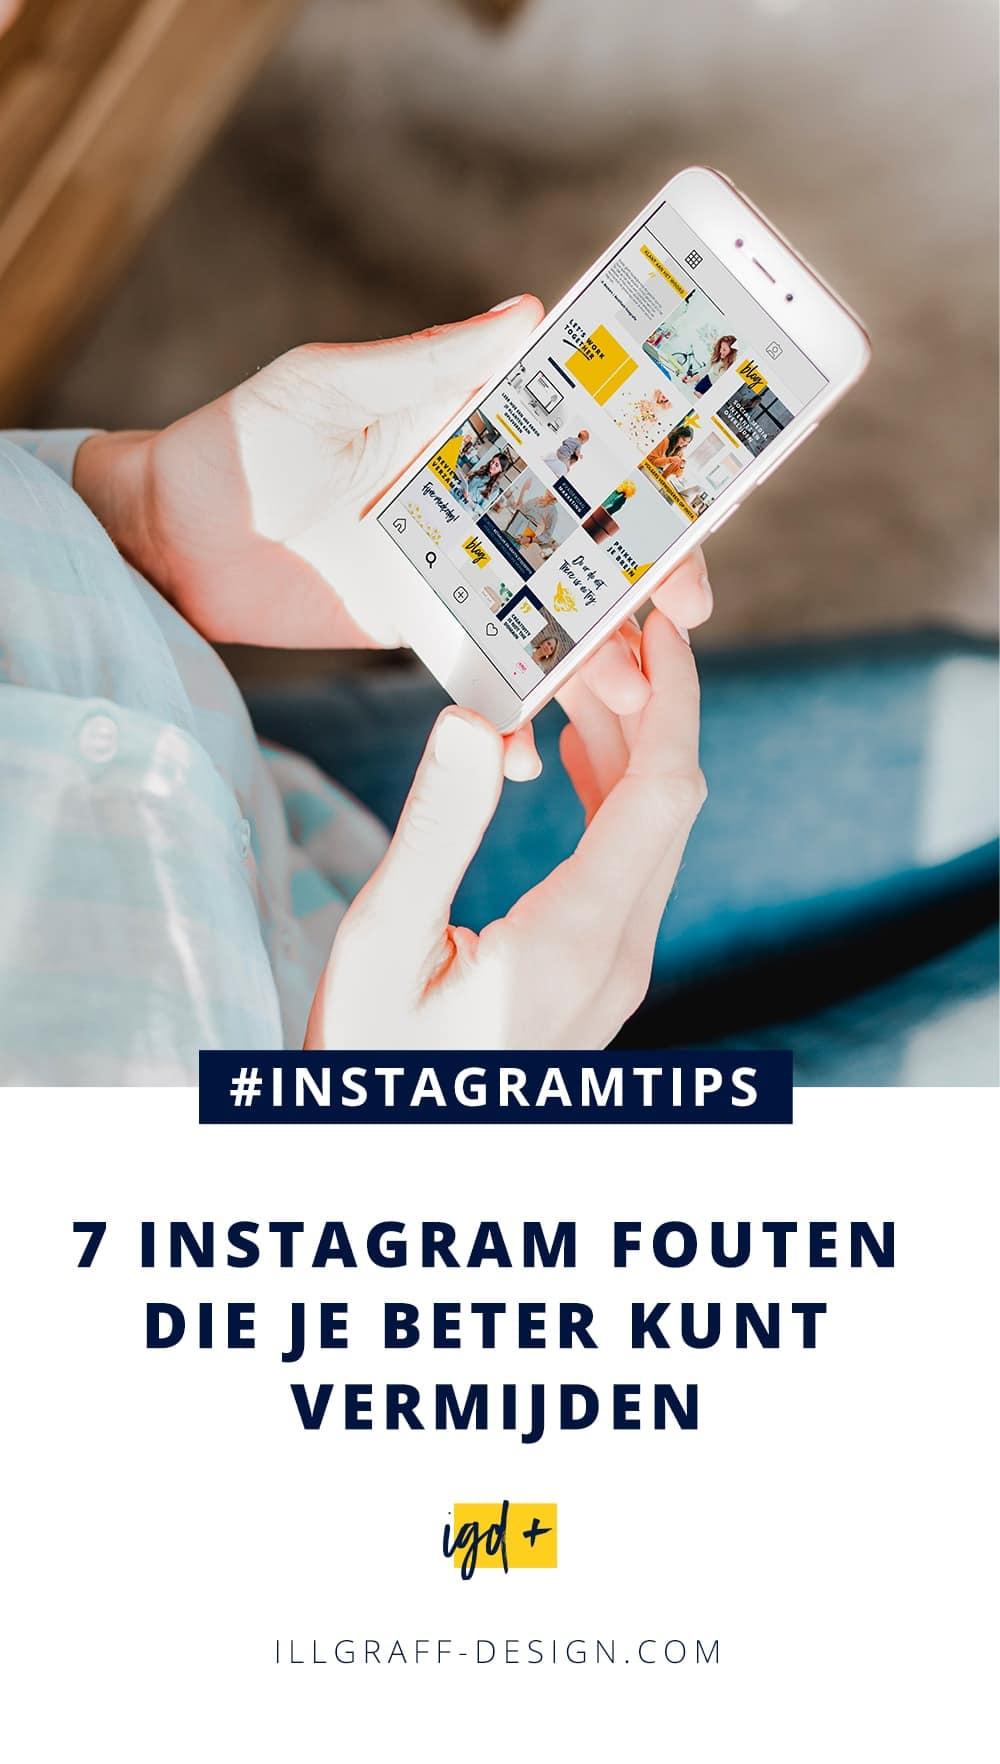 7 Instagram fouten die je beter kunt vermijden